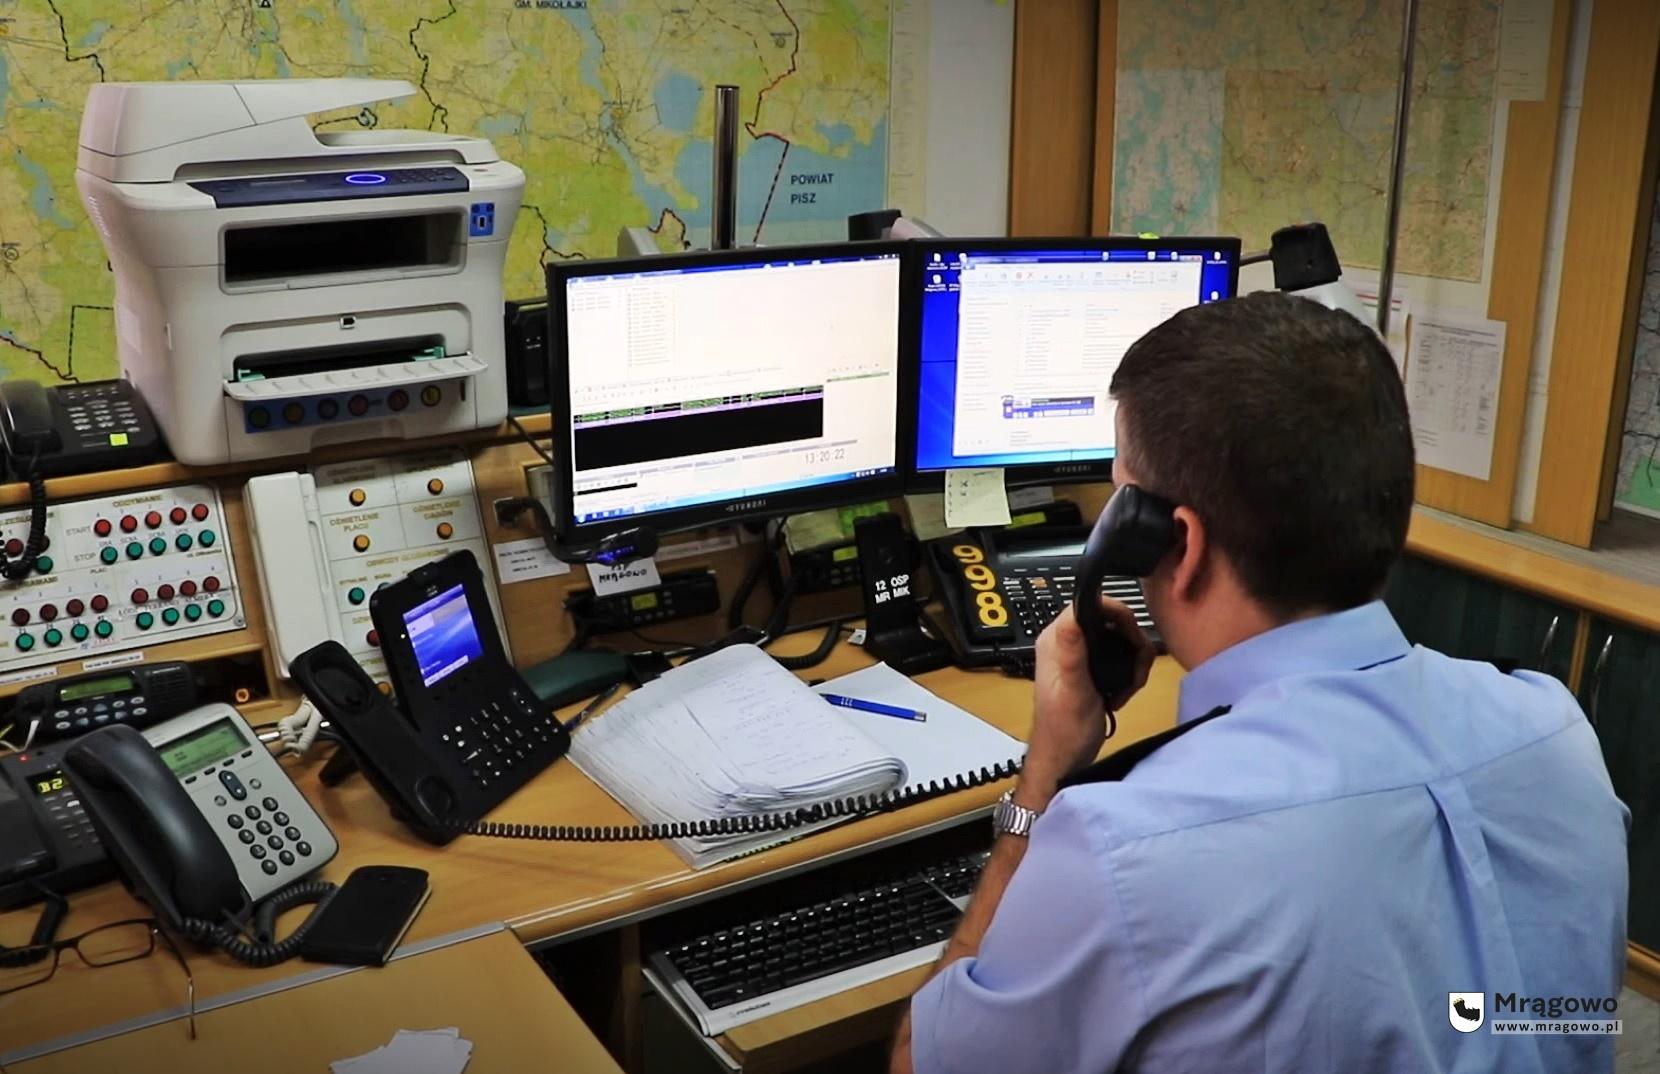 Dzwoniąc pod 998 nie porozmawiasz już ze strażakiem. Numer alarmowy przejmie Centrum Powiadamiania Ratunkowego w Olsztynie